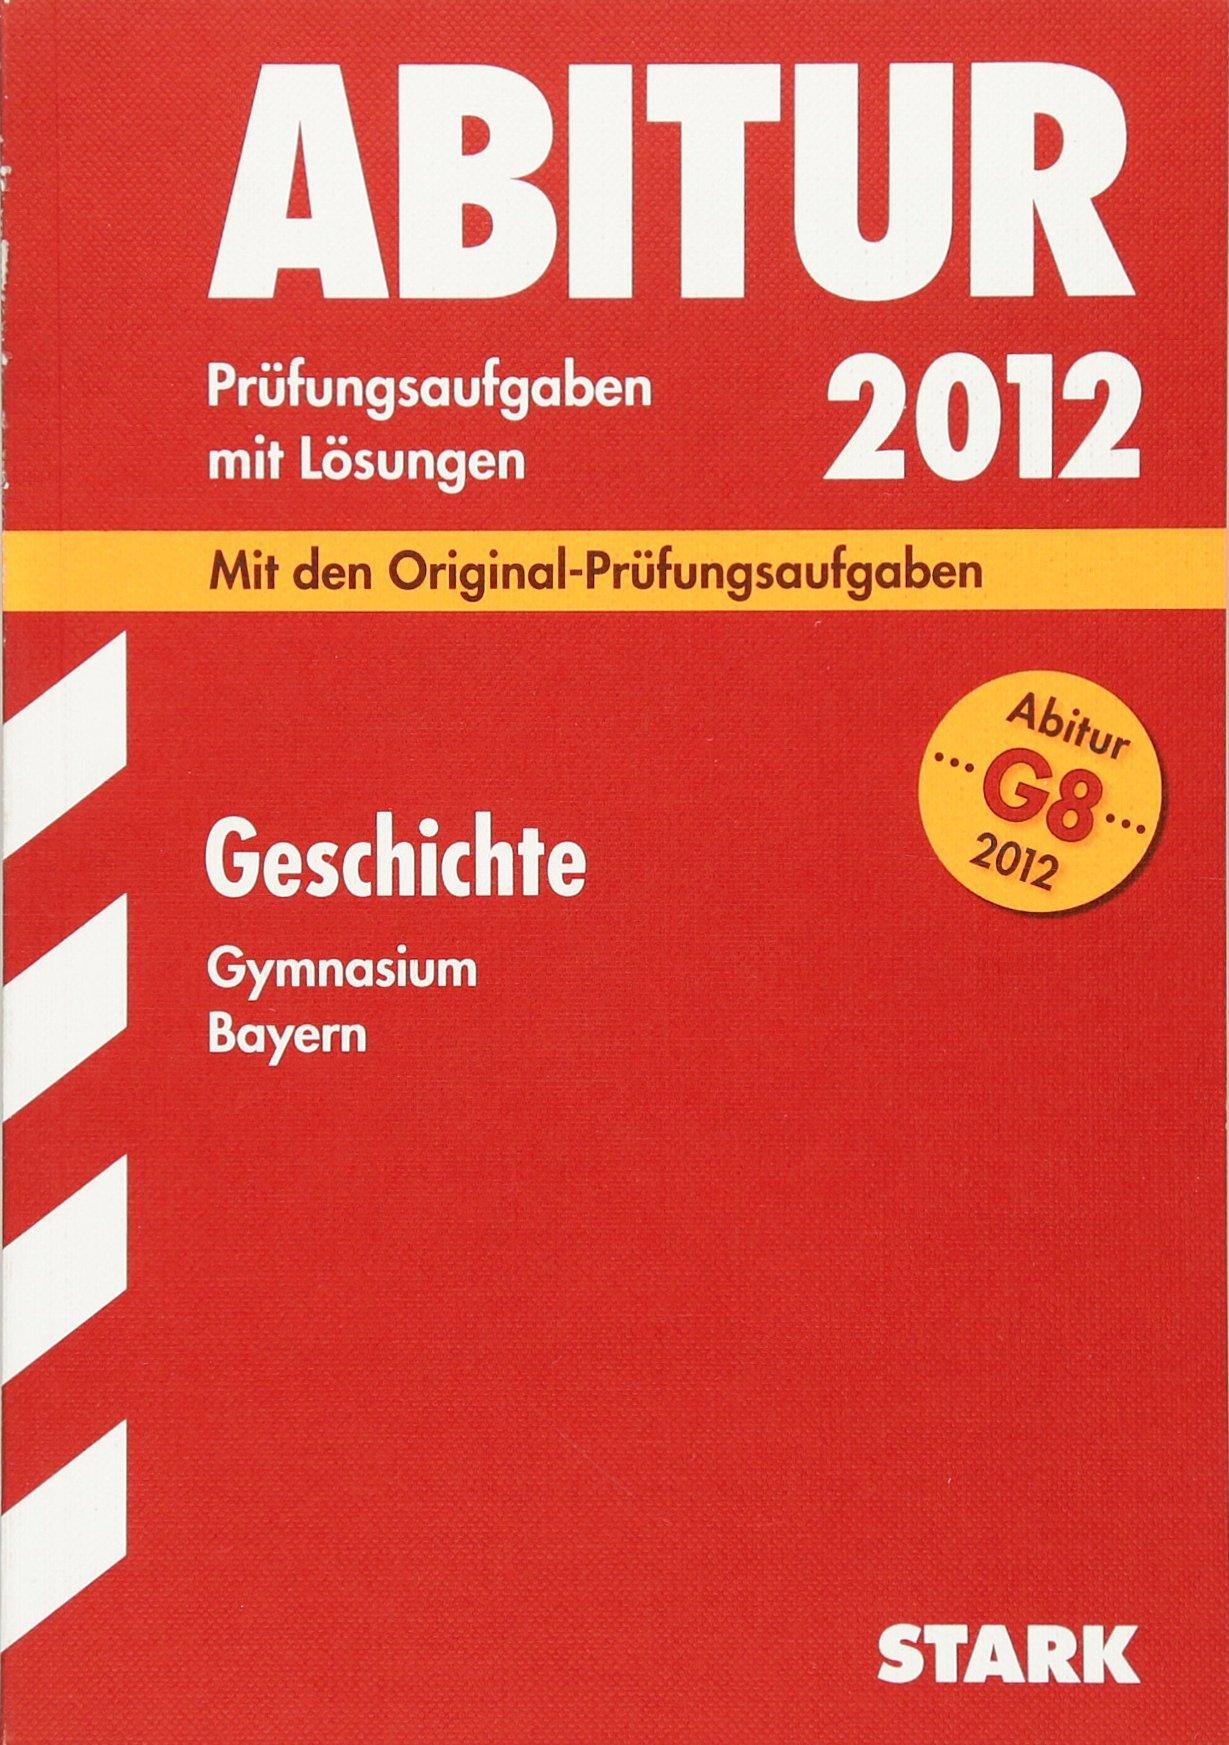 Abitur-Prüfungsaufgaben Gymnasium Bayern / Mit Lösungen; Geschichte G8 2012; Mit den Original-Prüfungsaufgaben 2011.